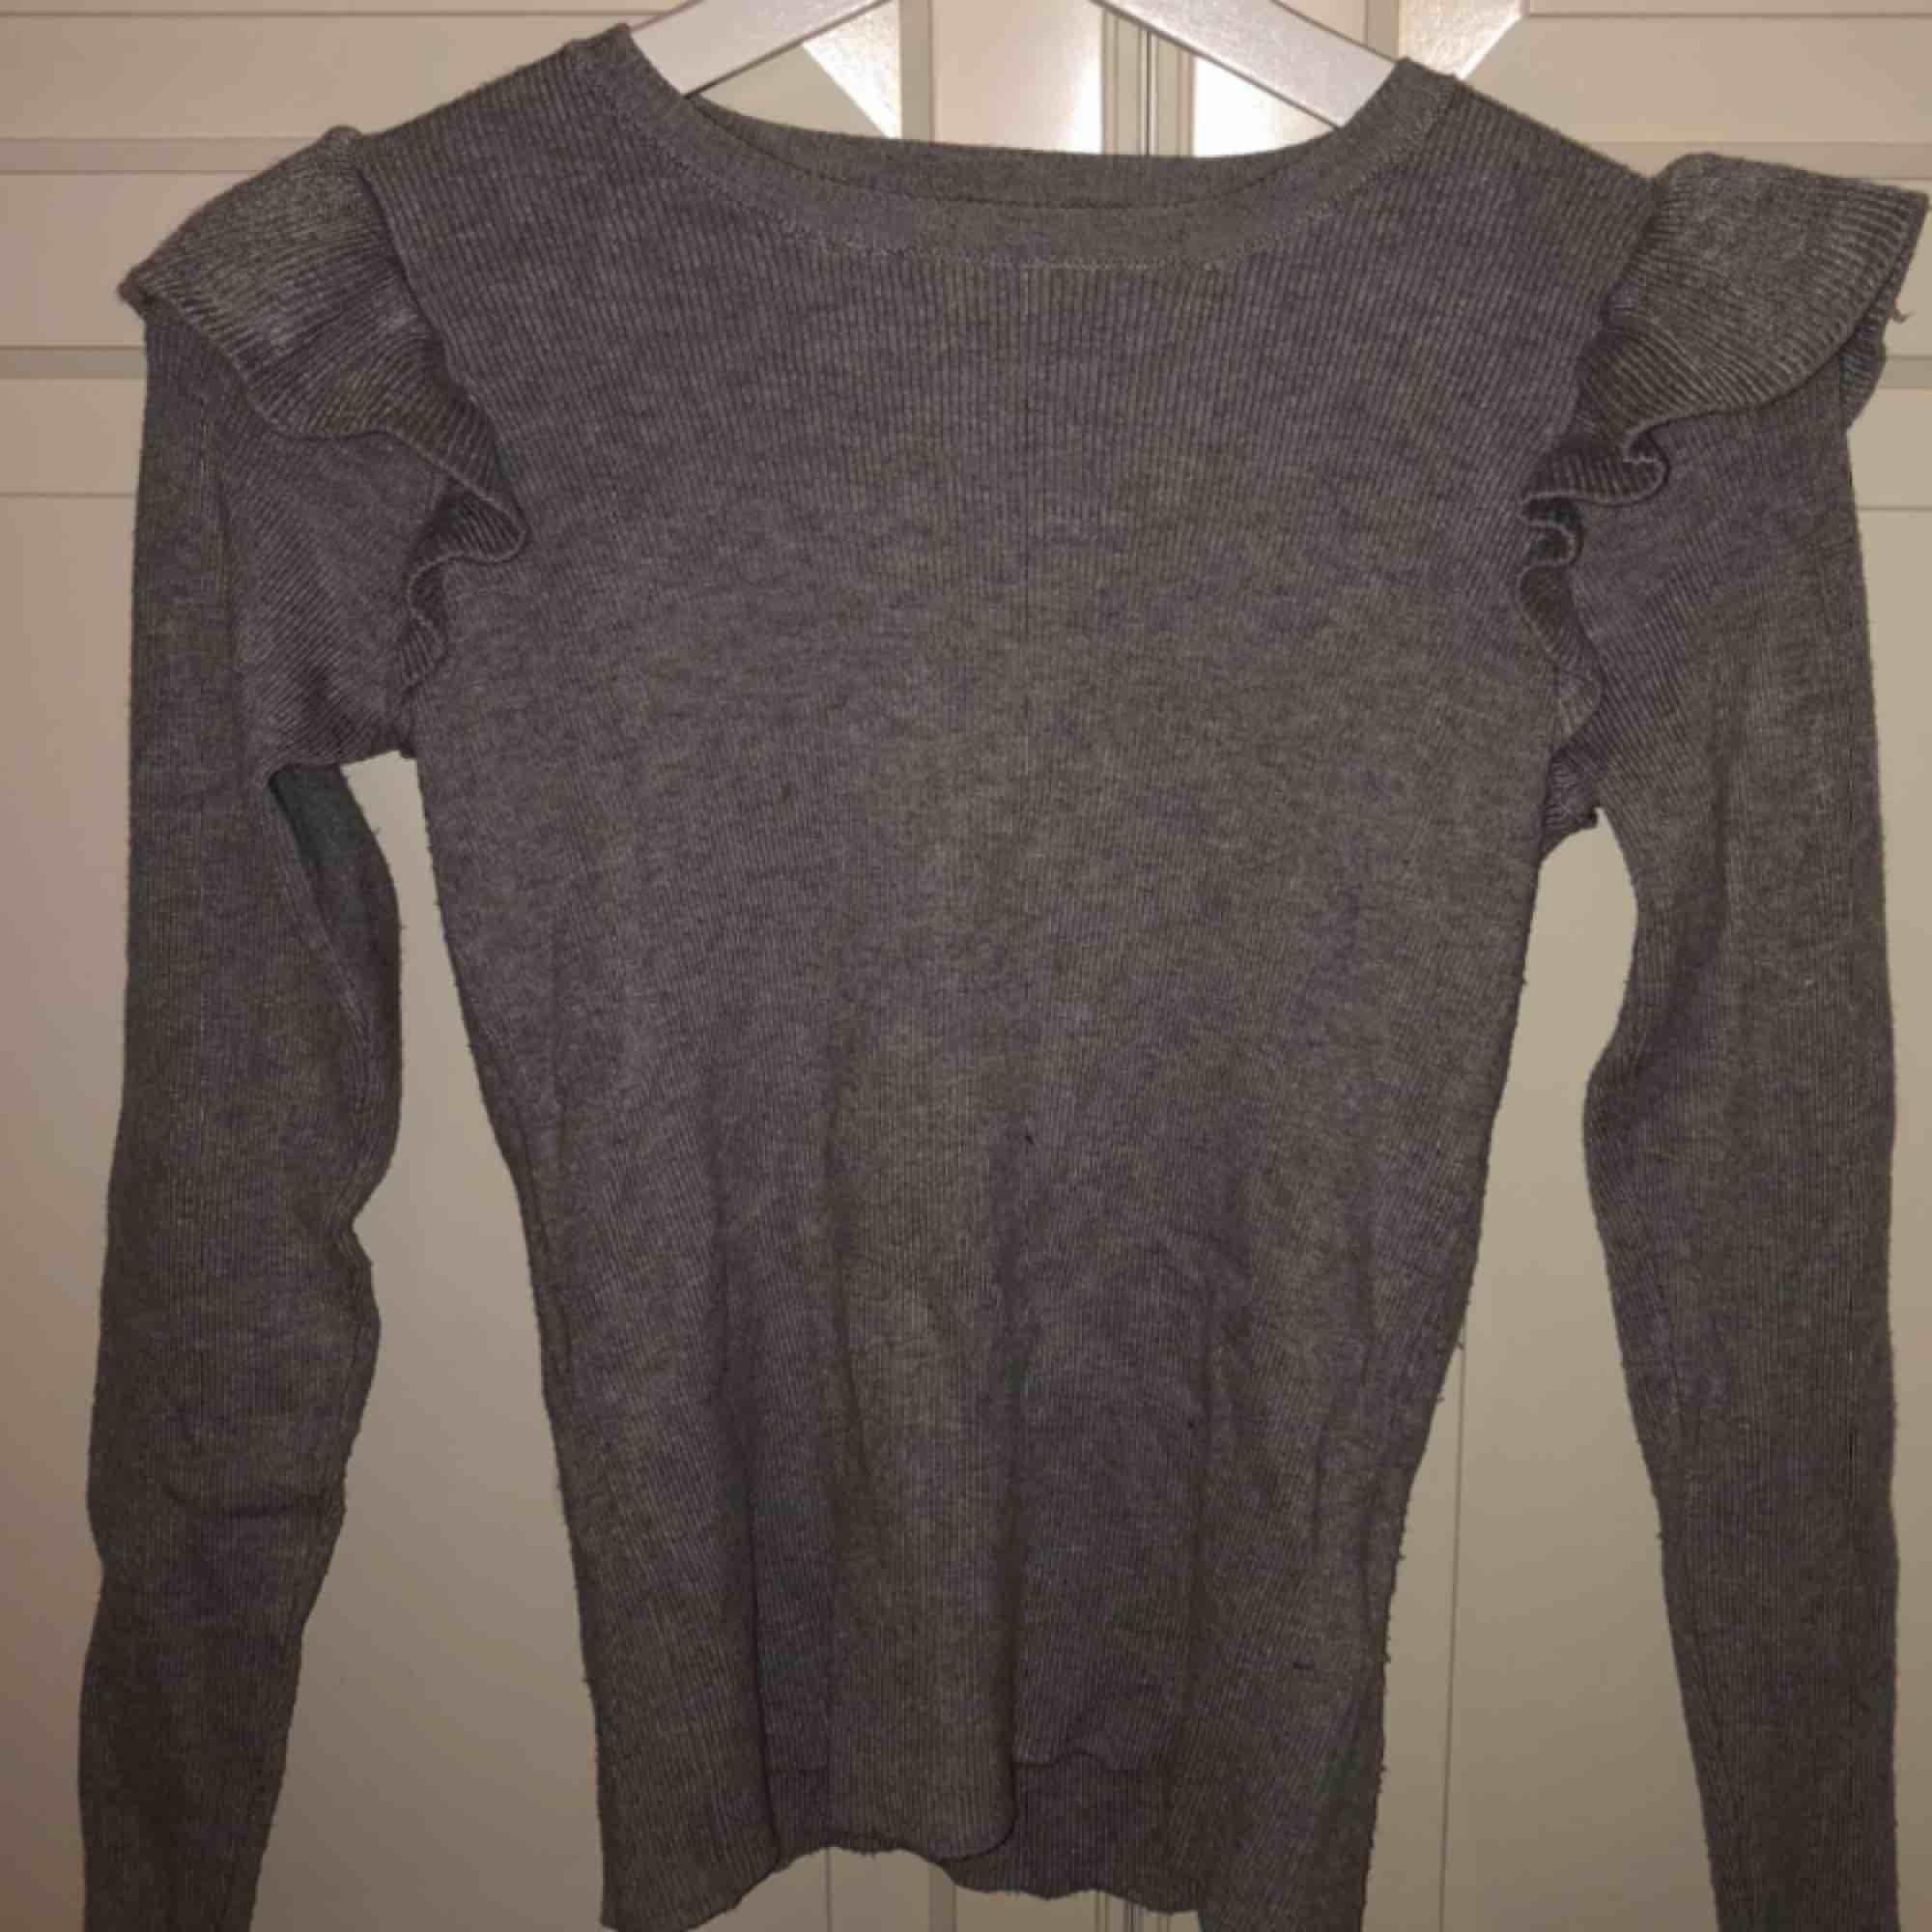 super fin grå ribbad tröja ifrån bikbok med detaljer på axlarna, fint skick då den inte används så ofta. säljer pga att det inte riktigt är min stil längre. Tröjor & Koftor.